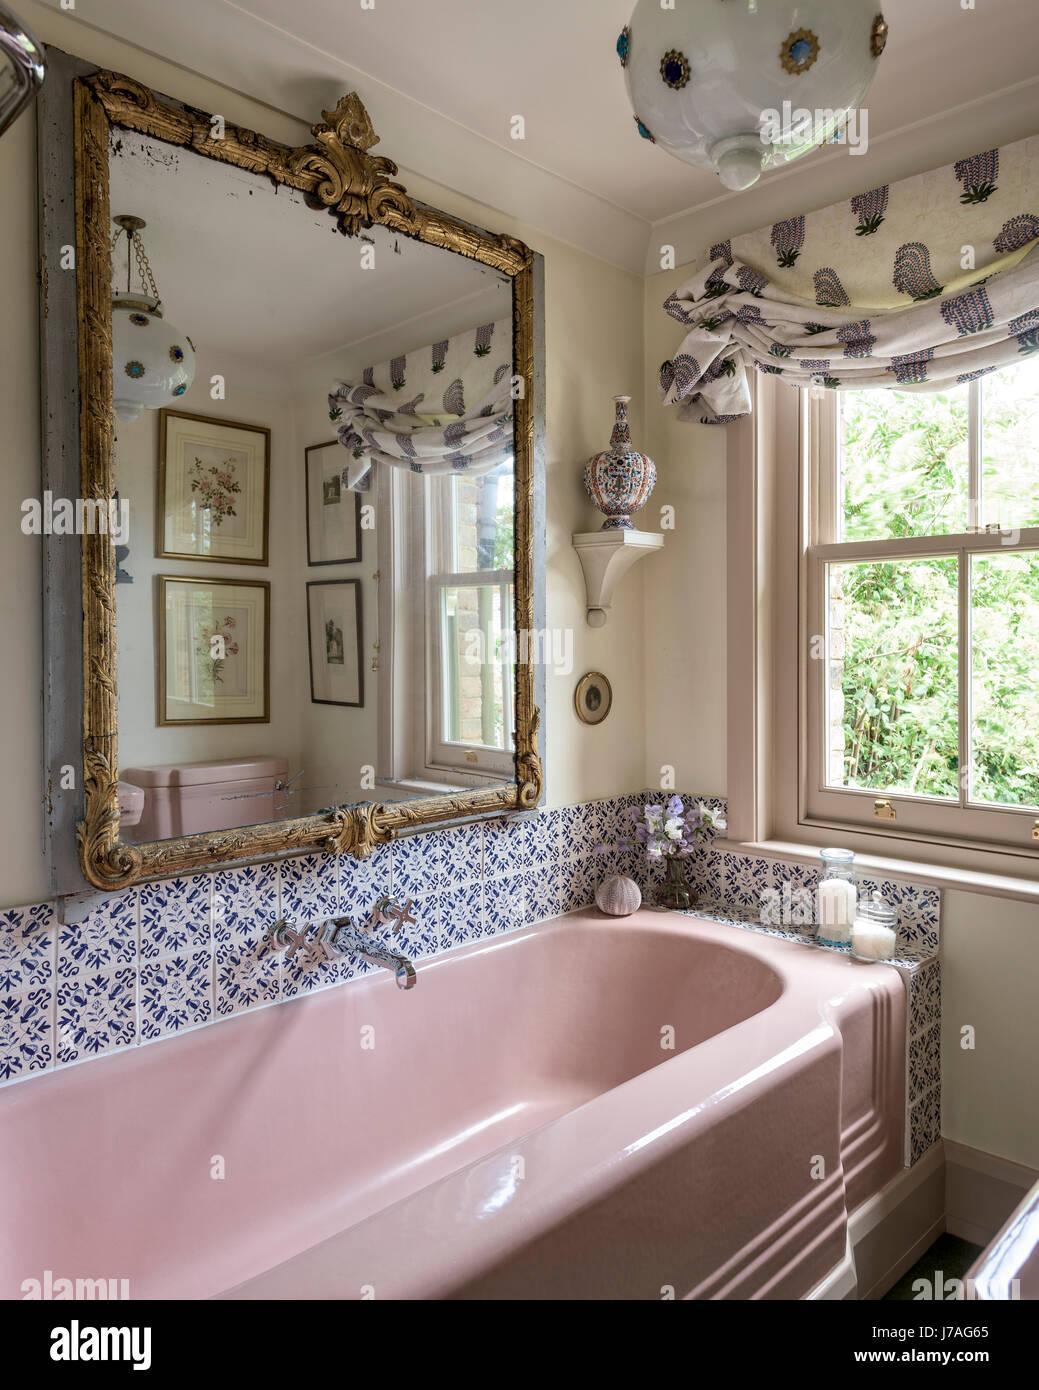 Baignoire en fonte émaillée rose et du bassin dans la salle de bains ...